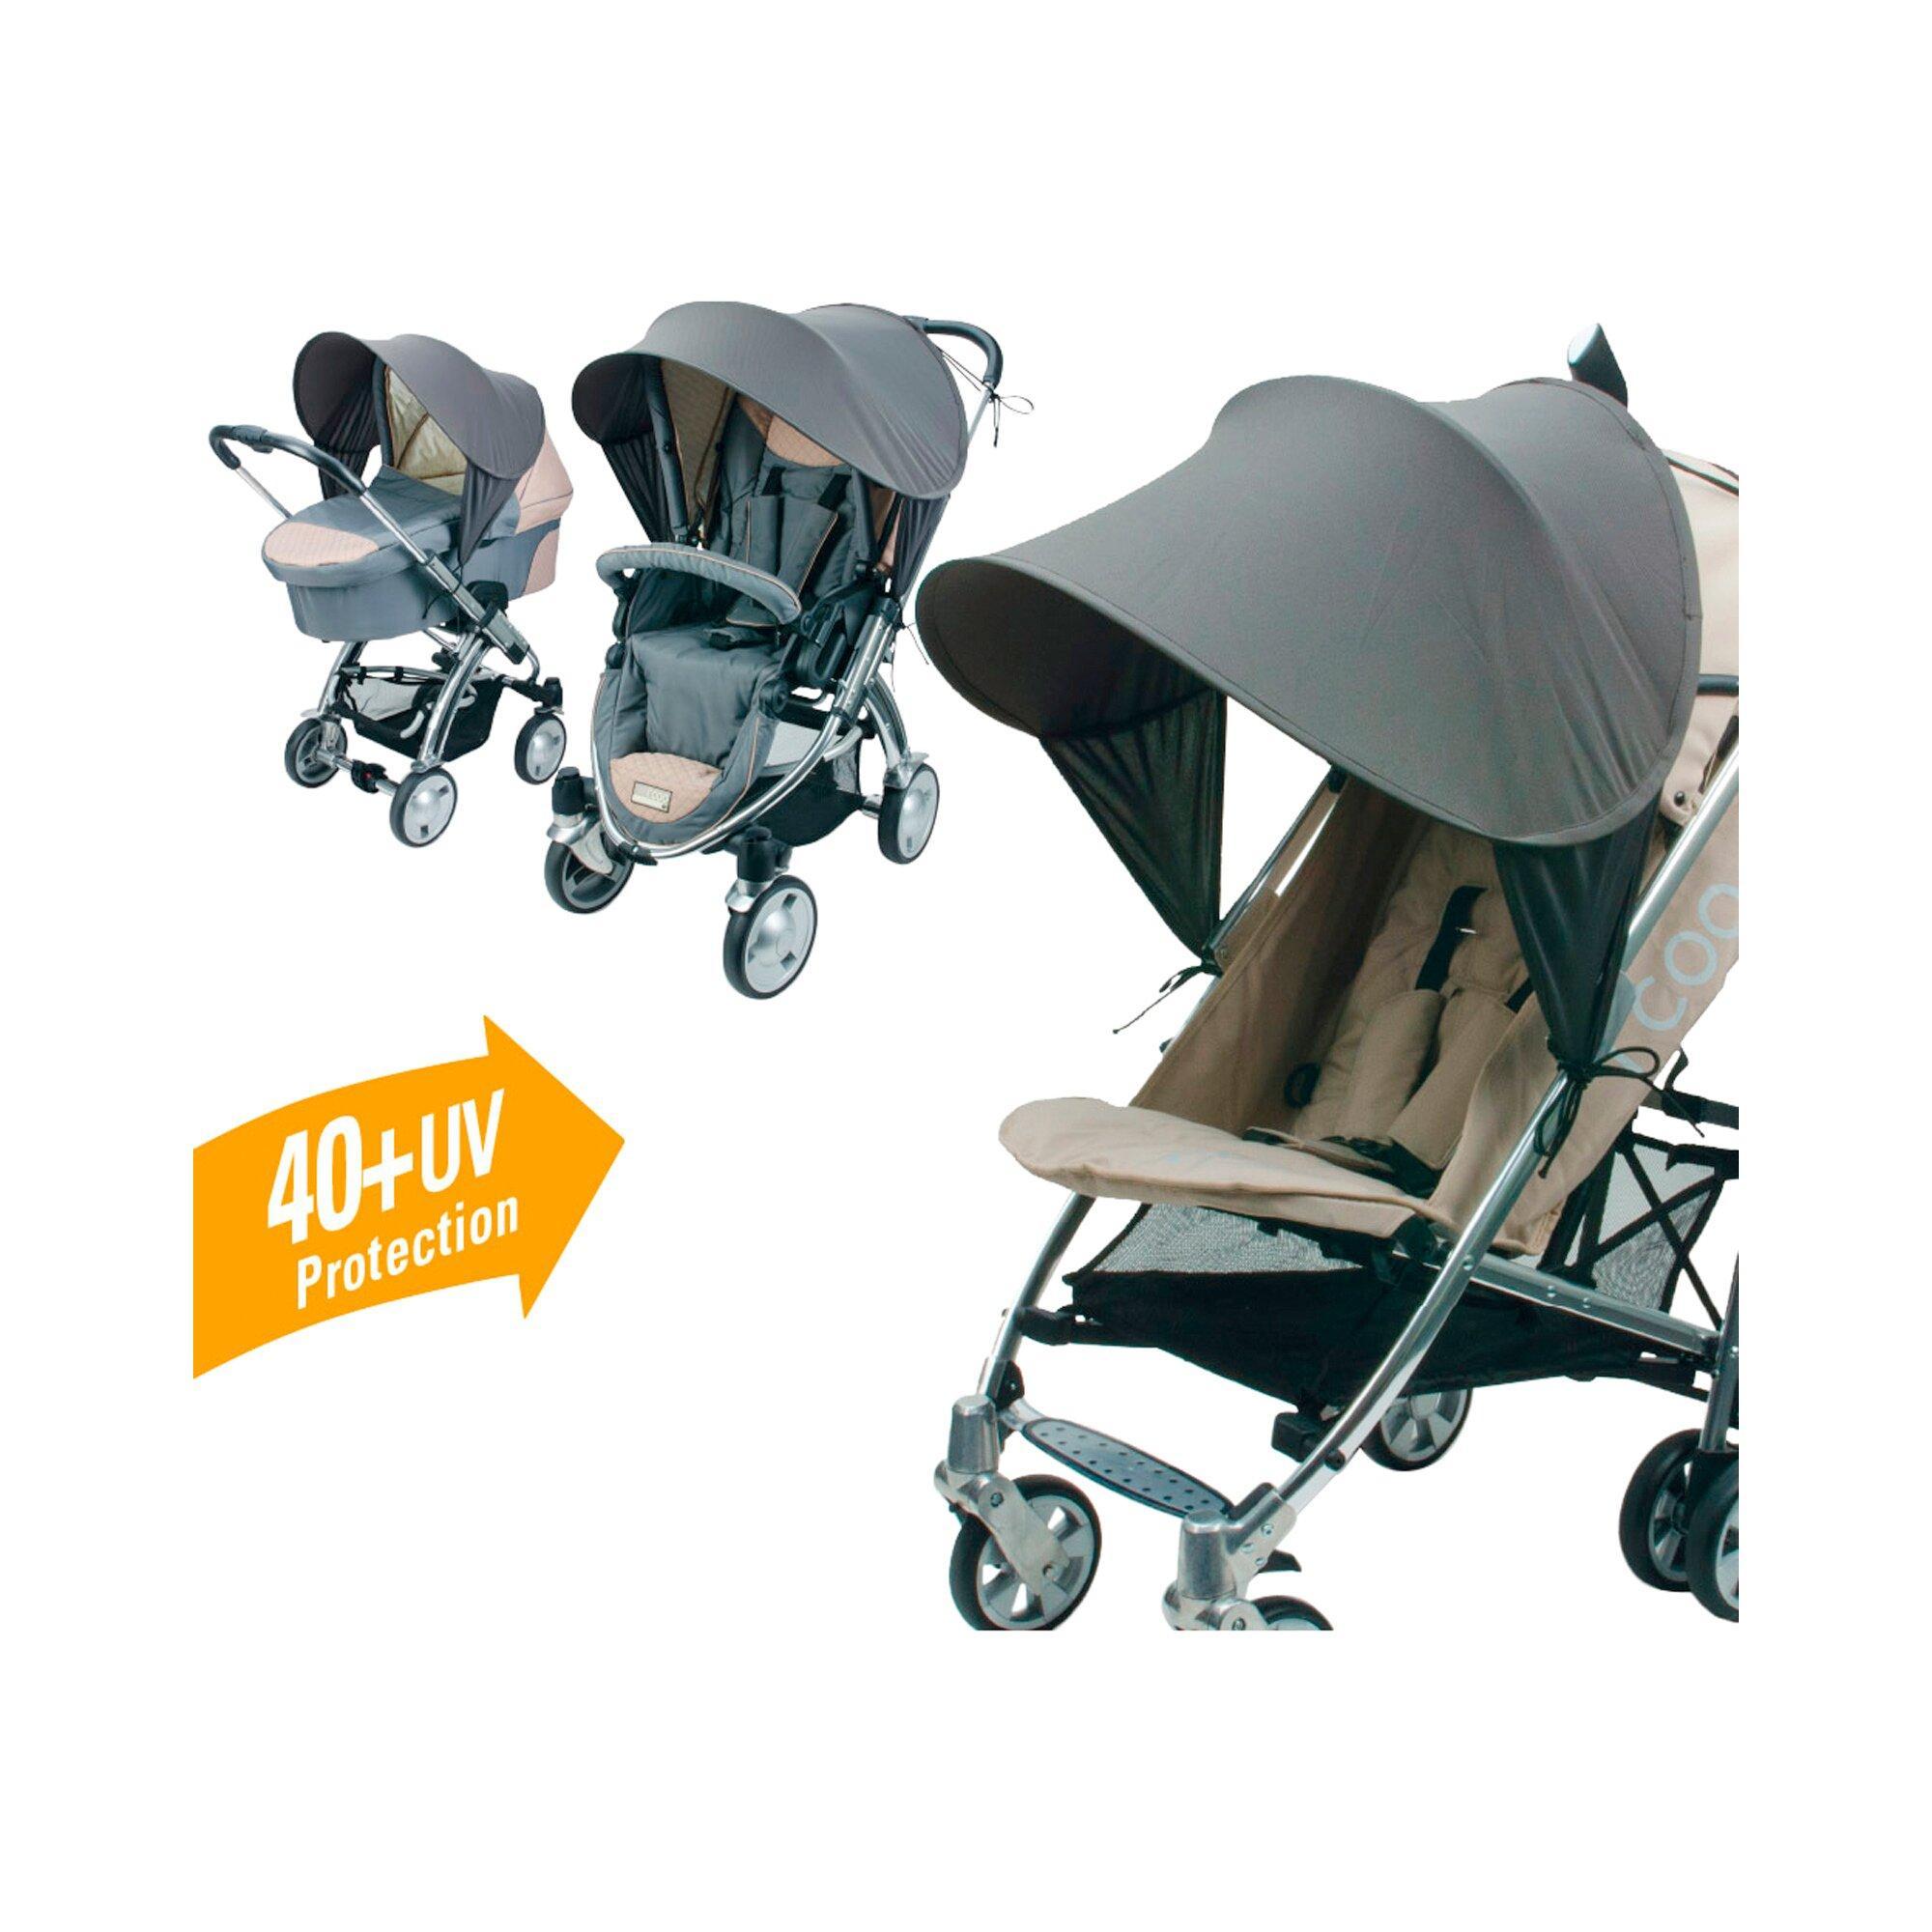 Sonnenverdeck Universal Premium für Kinderwagen